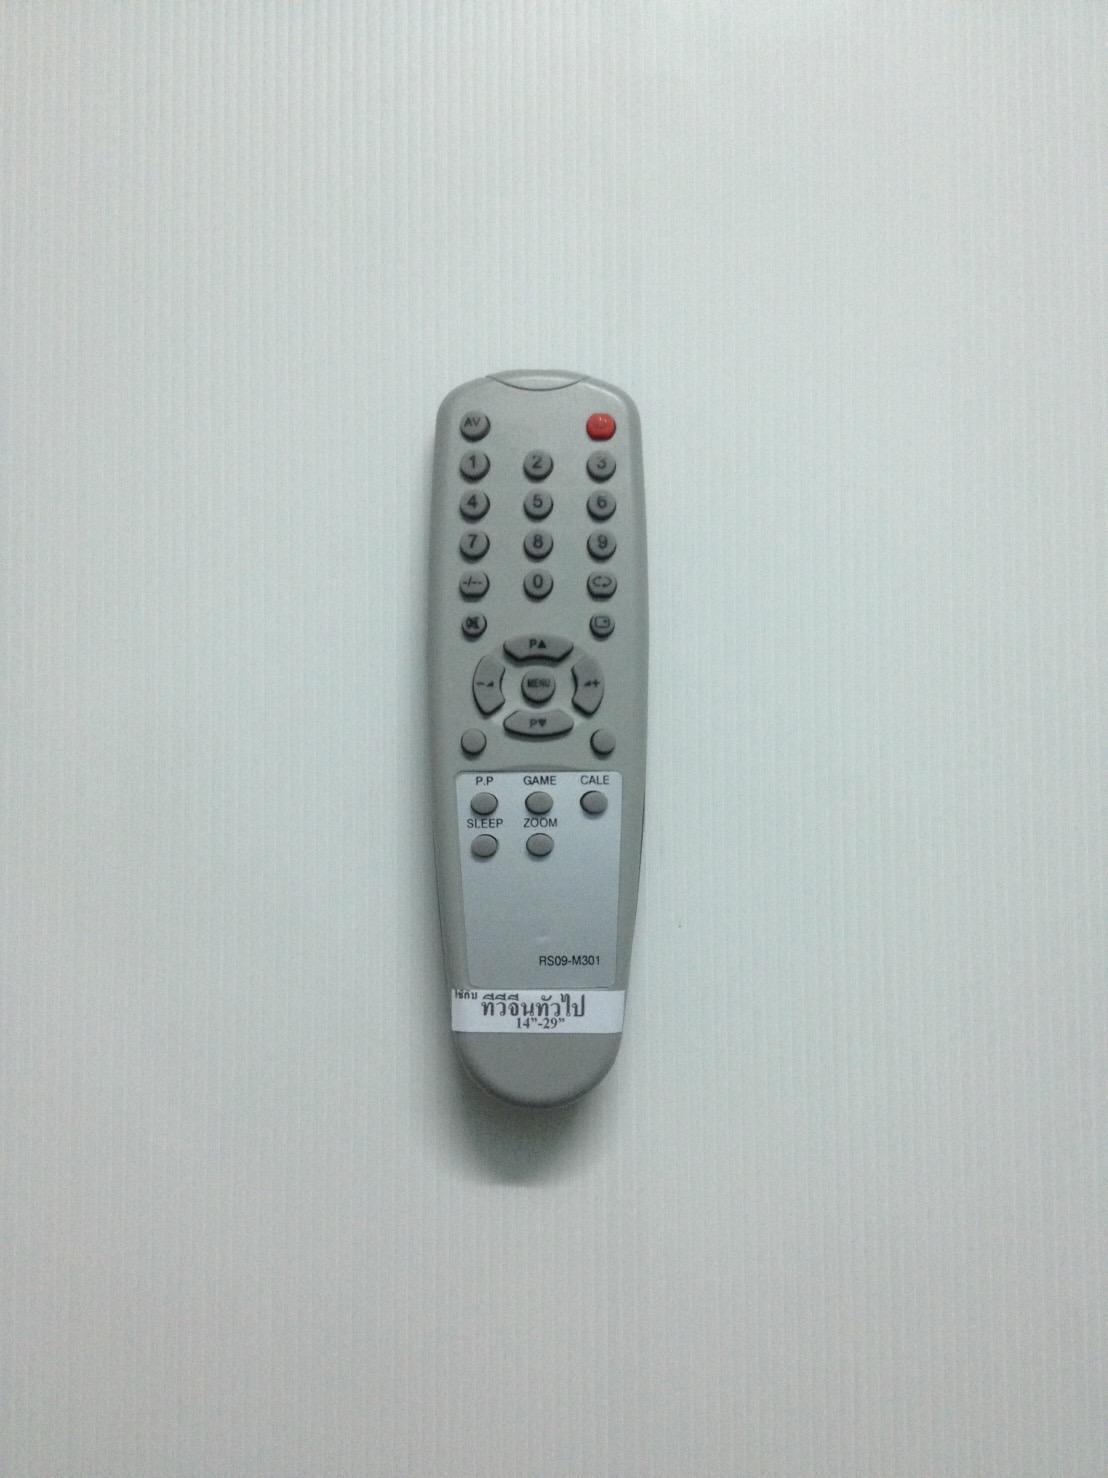 รีโมททีวีจีนทั่วไป RS09-M301 ลงหลายยี่ห้อ